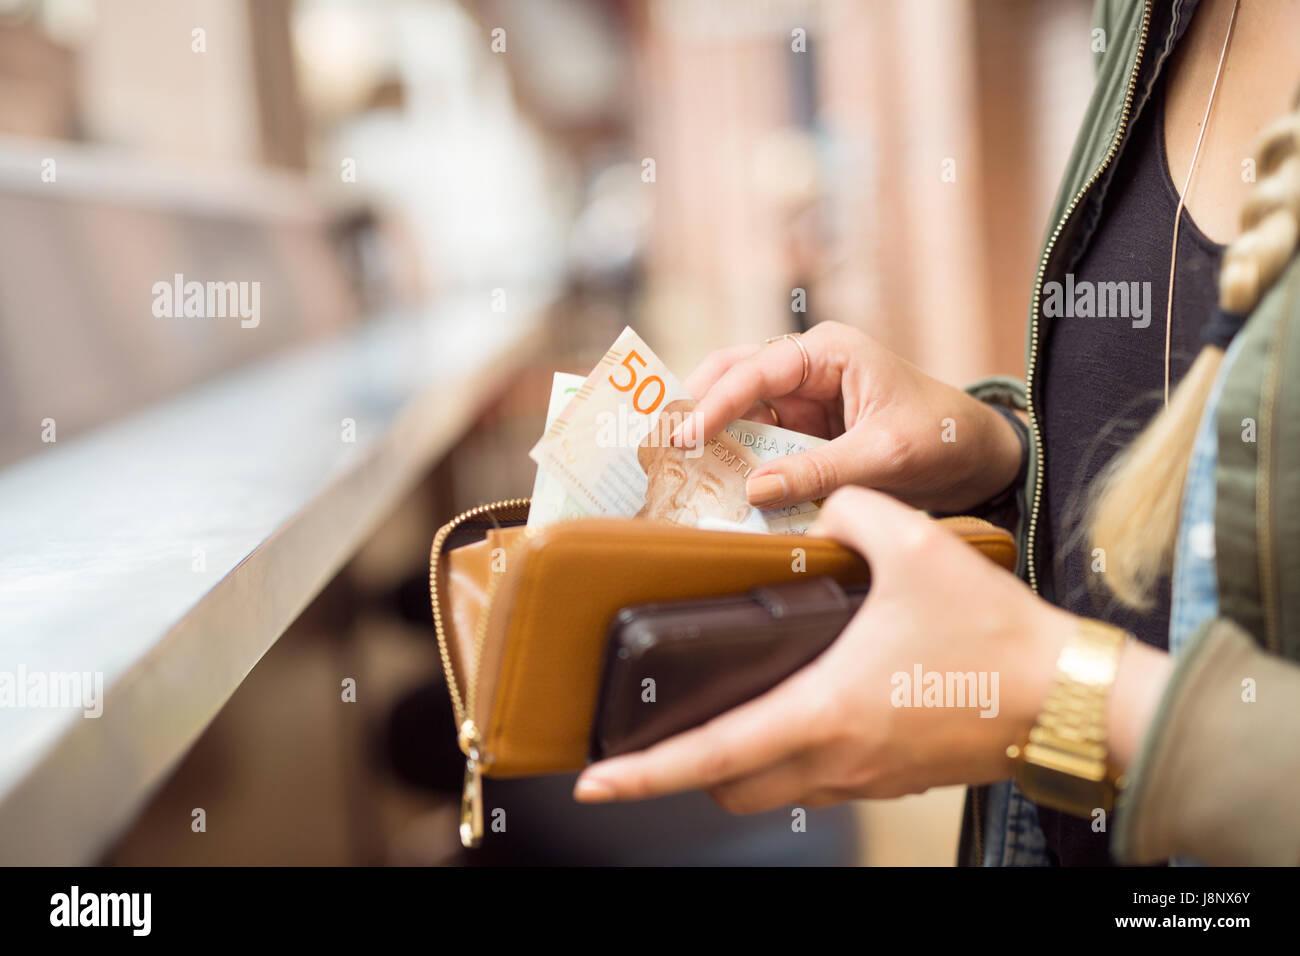 La tenue d'une femme avec porte-monnaie et billets cell phone Banque D'Images